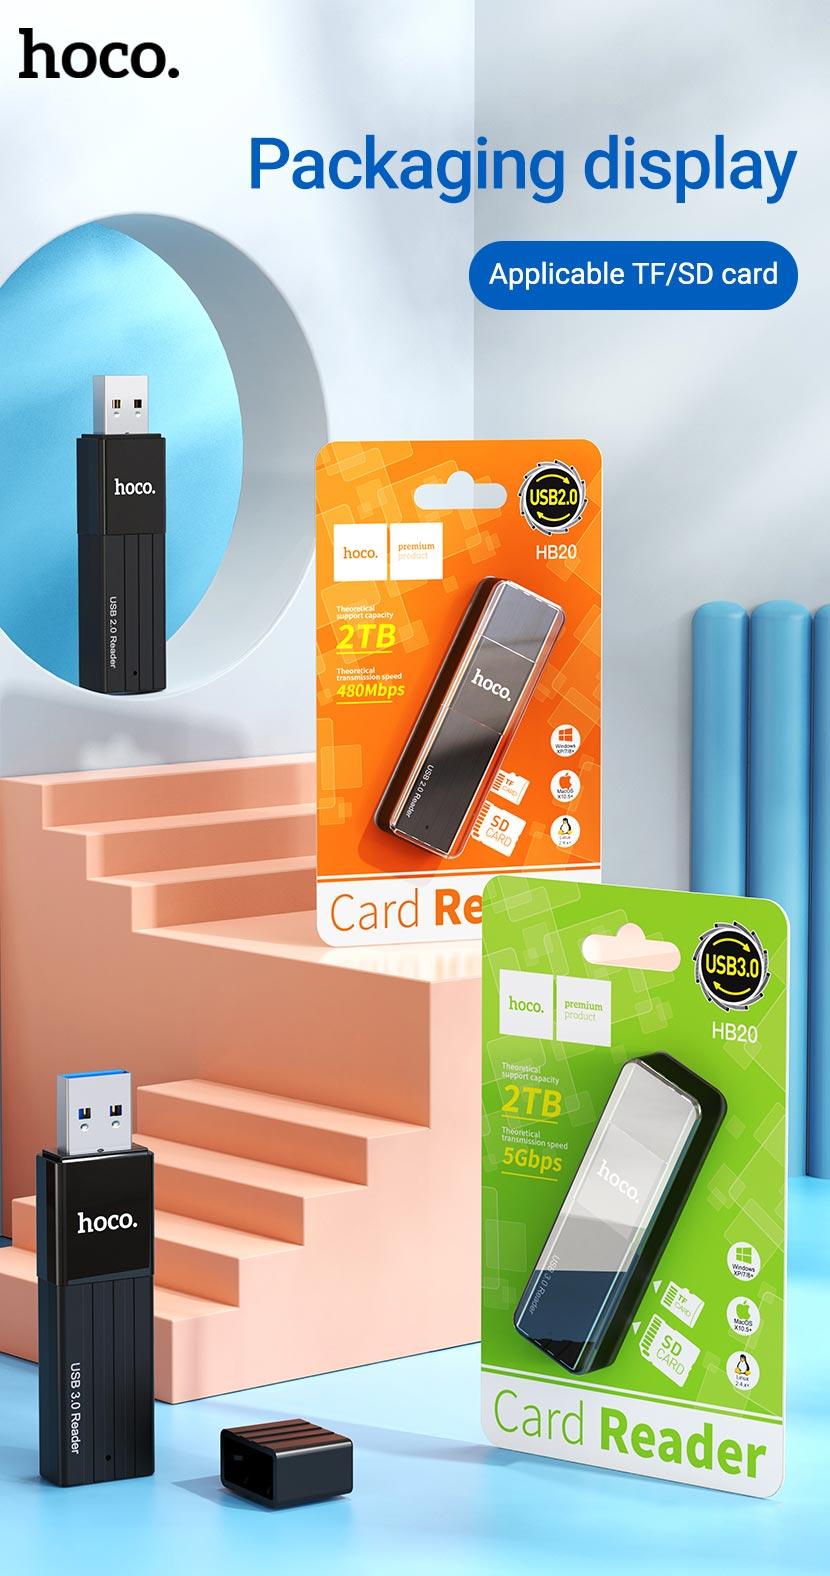 hoco news hb20 mindful 2in1 card reader package en